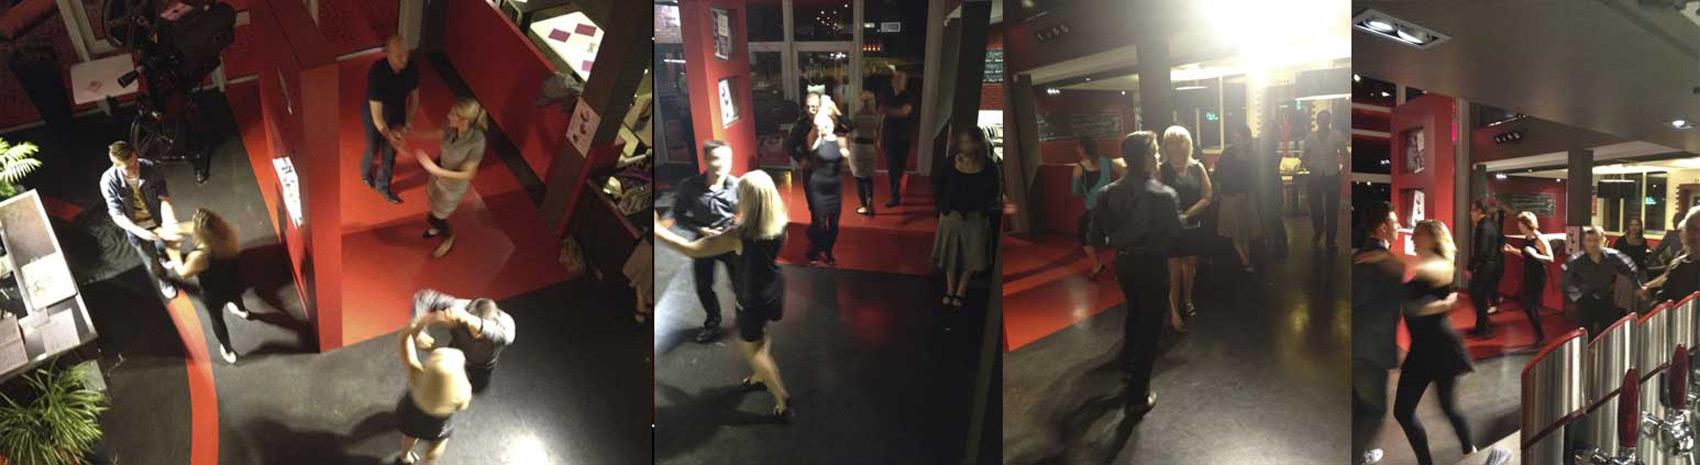 Soirée Rock'n'roll et Salsa avec Christ All Dance – Jeudi 28/11 au 7ème Art